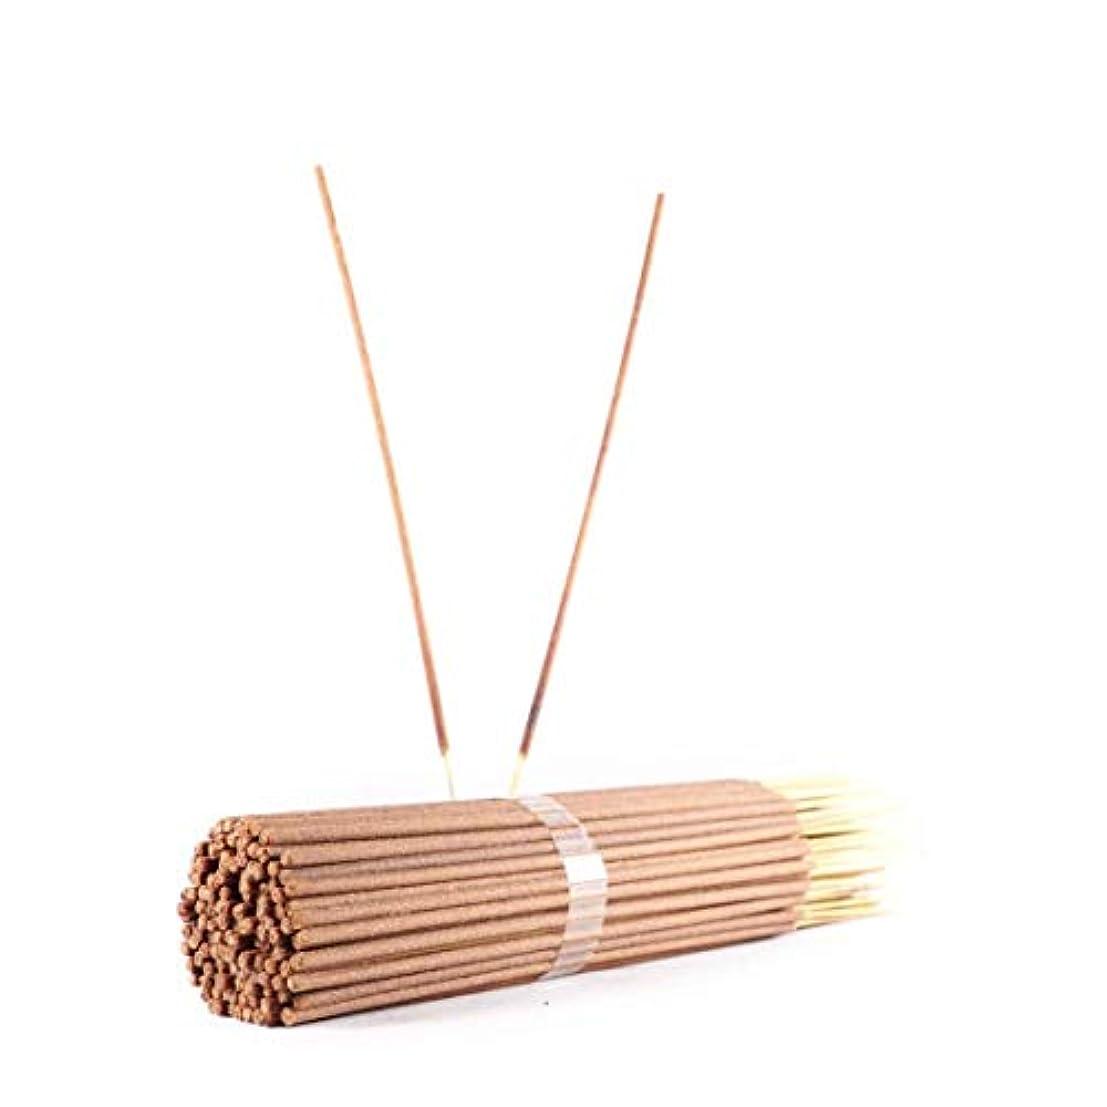 従順な古くなった不快なGifteniaa Wonderful Vaishnavi Fragrant 9 Inches insence Sticks and Masala Insence Sticks (50 Sticks)